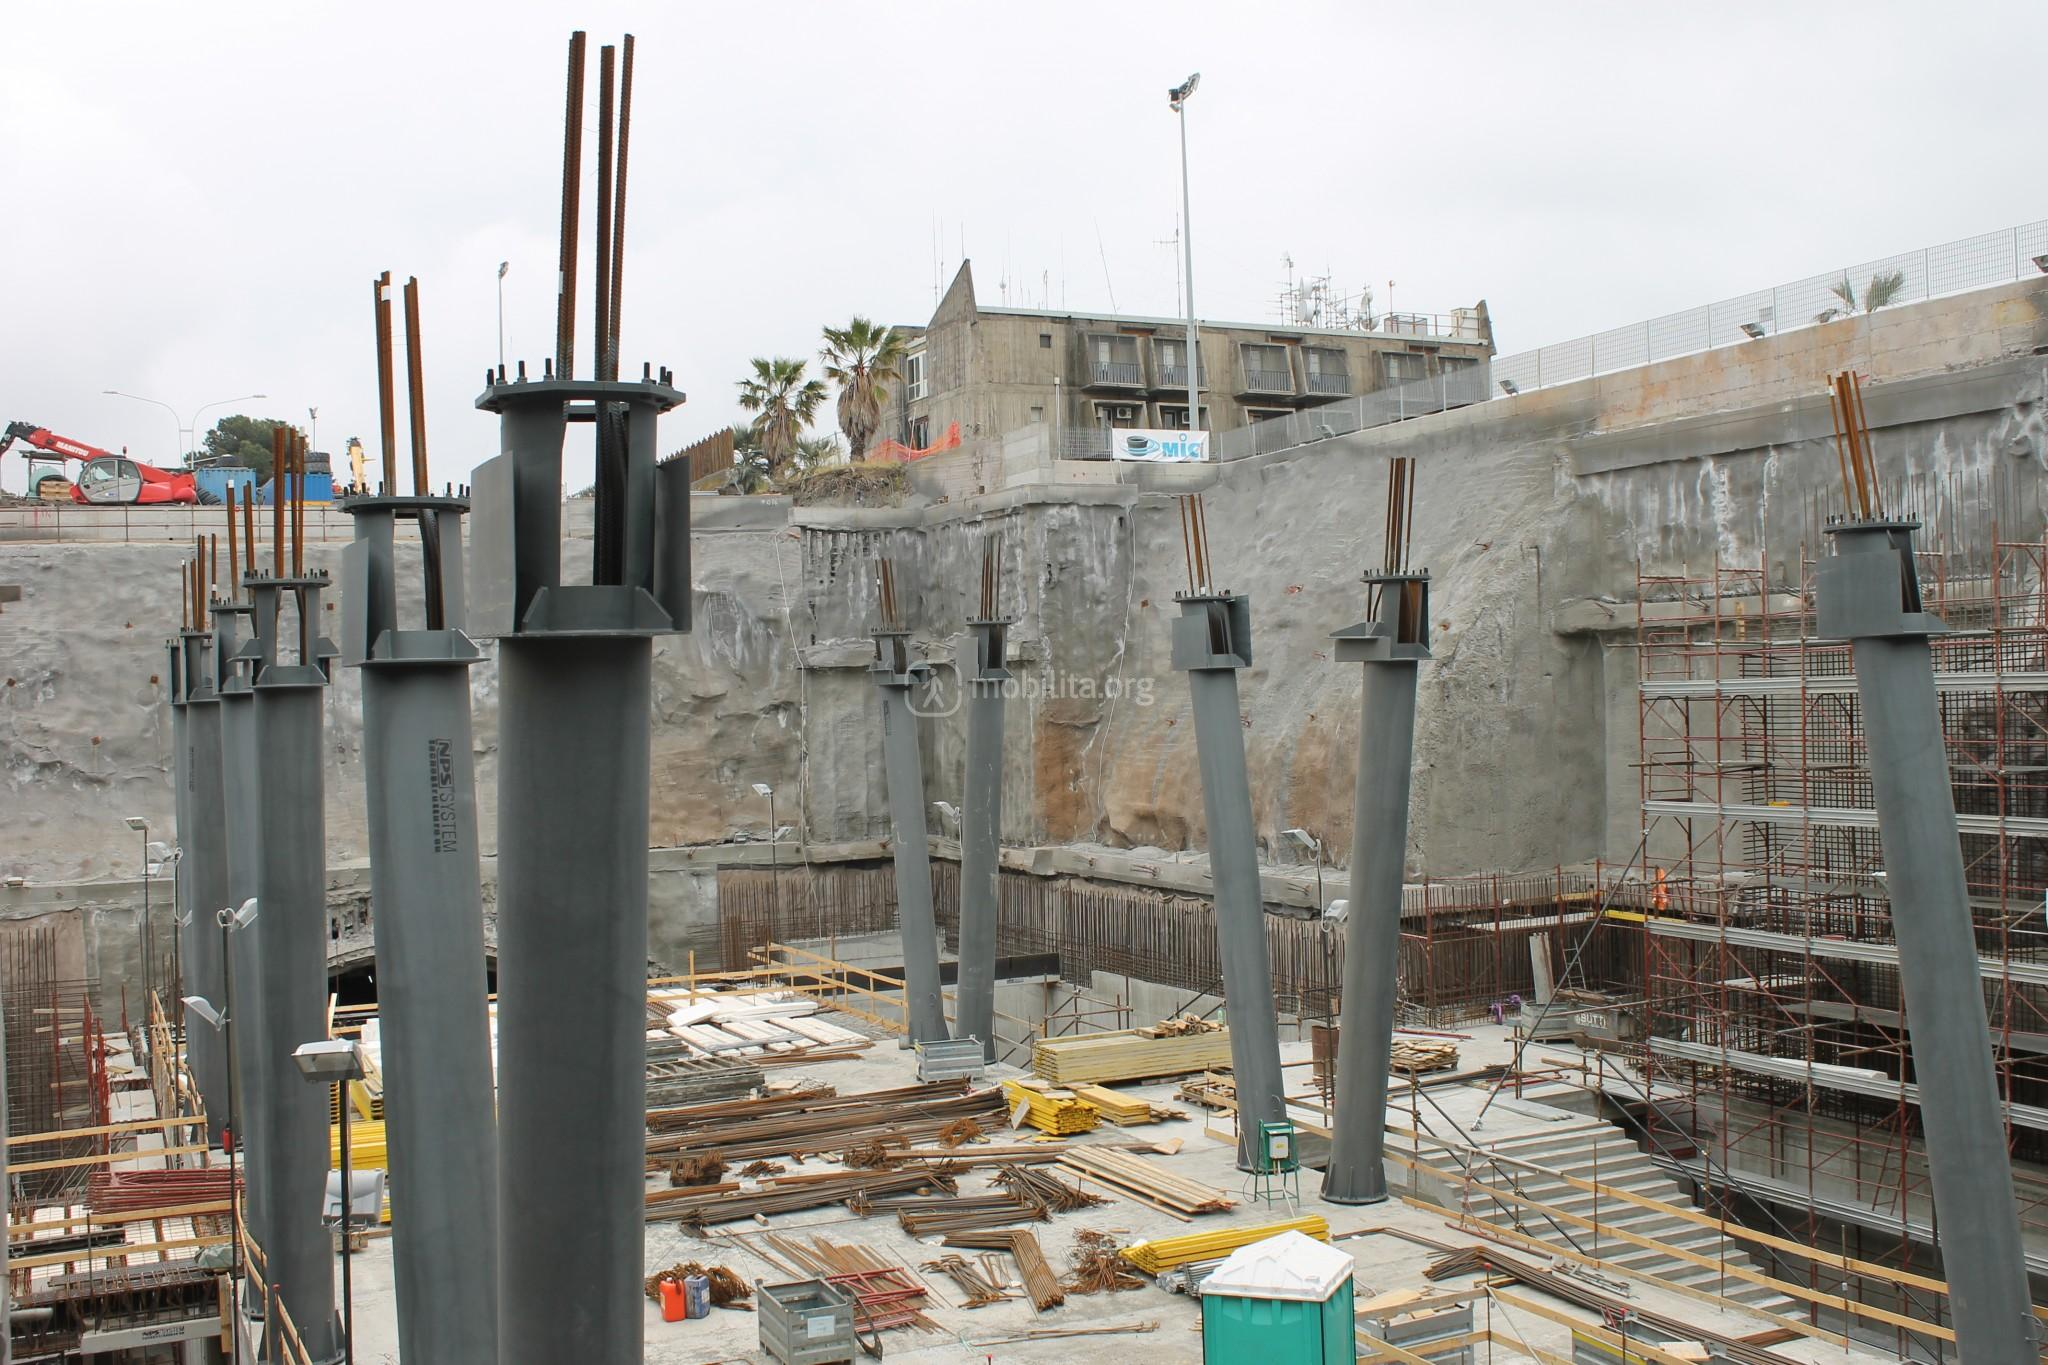 Grandi colonne in acciaio sosteranno i solai sugli ampi spazi interni della stazione